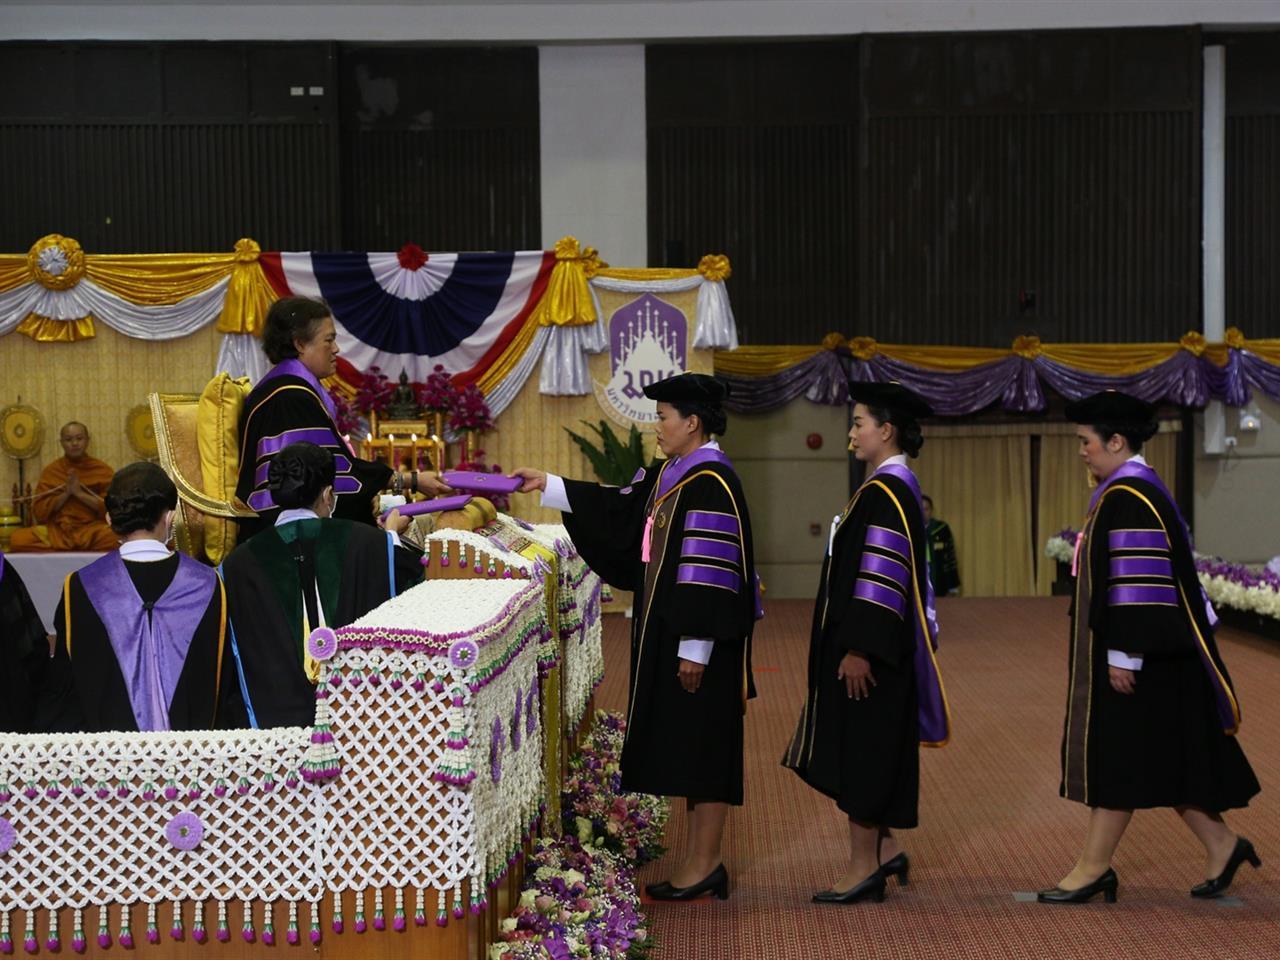 พิธีพระราชทานปริญญาบัตรแก่ผู้สำเร็จการศึกษาจากมหาวิทยาลัยพะเยา ประจำปีการศึกษา ๒๕๖๑  ณ หอประชุมพญางำเมือง มหาวิทยาลัยพะเยา